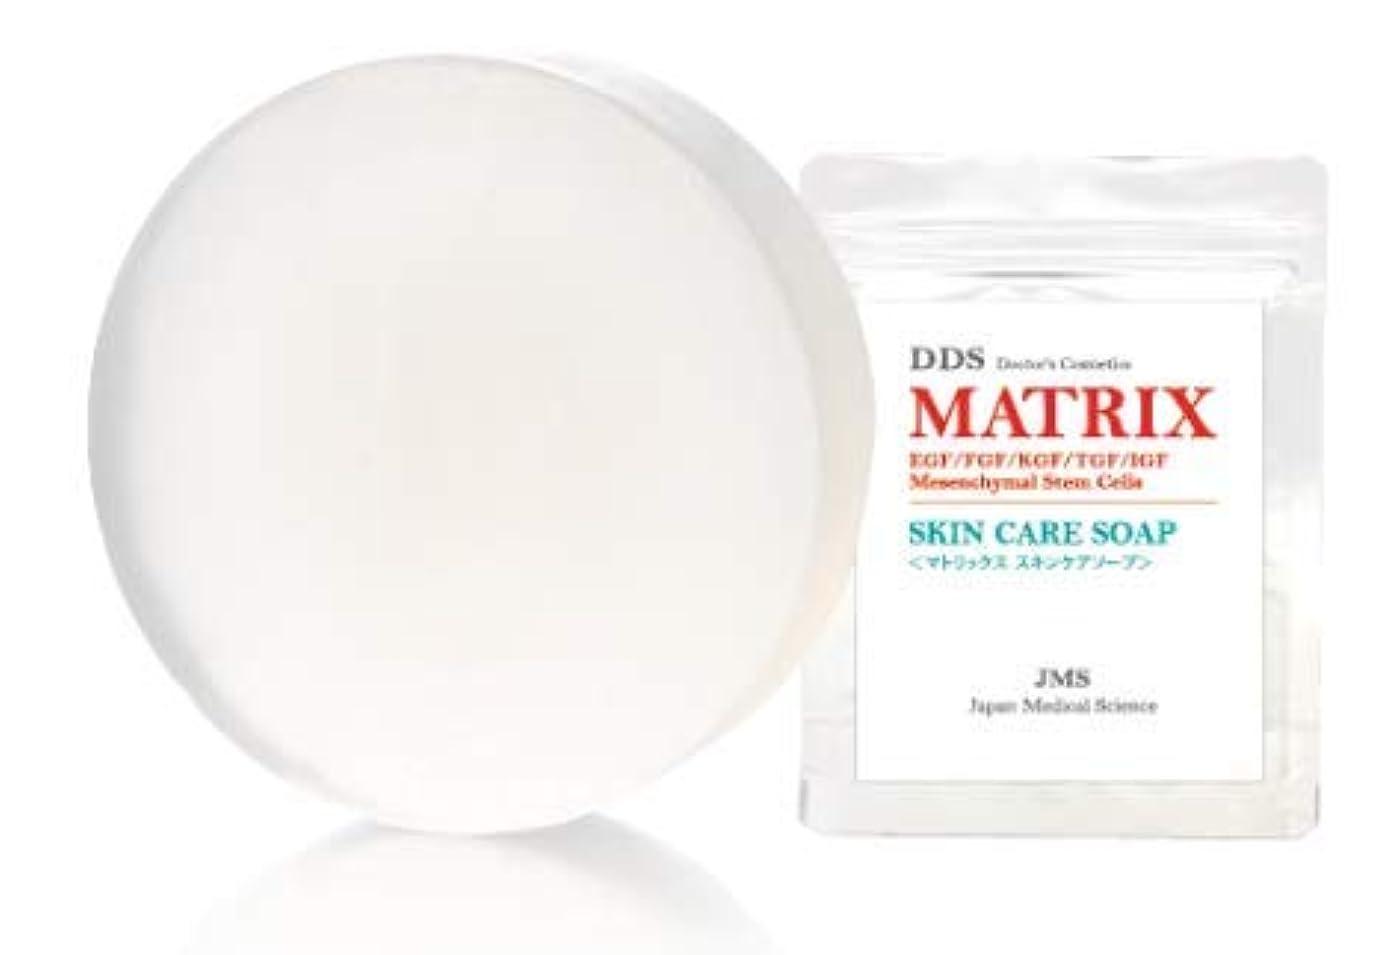 緊急旋律的熟読するDDS MATRIX SKIN CARE SOAP(マトリックス スキンケア ソープ)80g 洗顔石鹸 全身にも